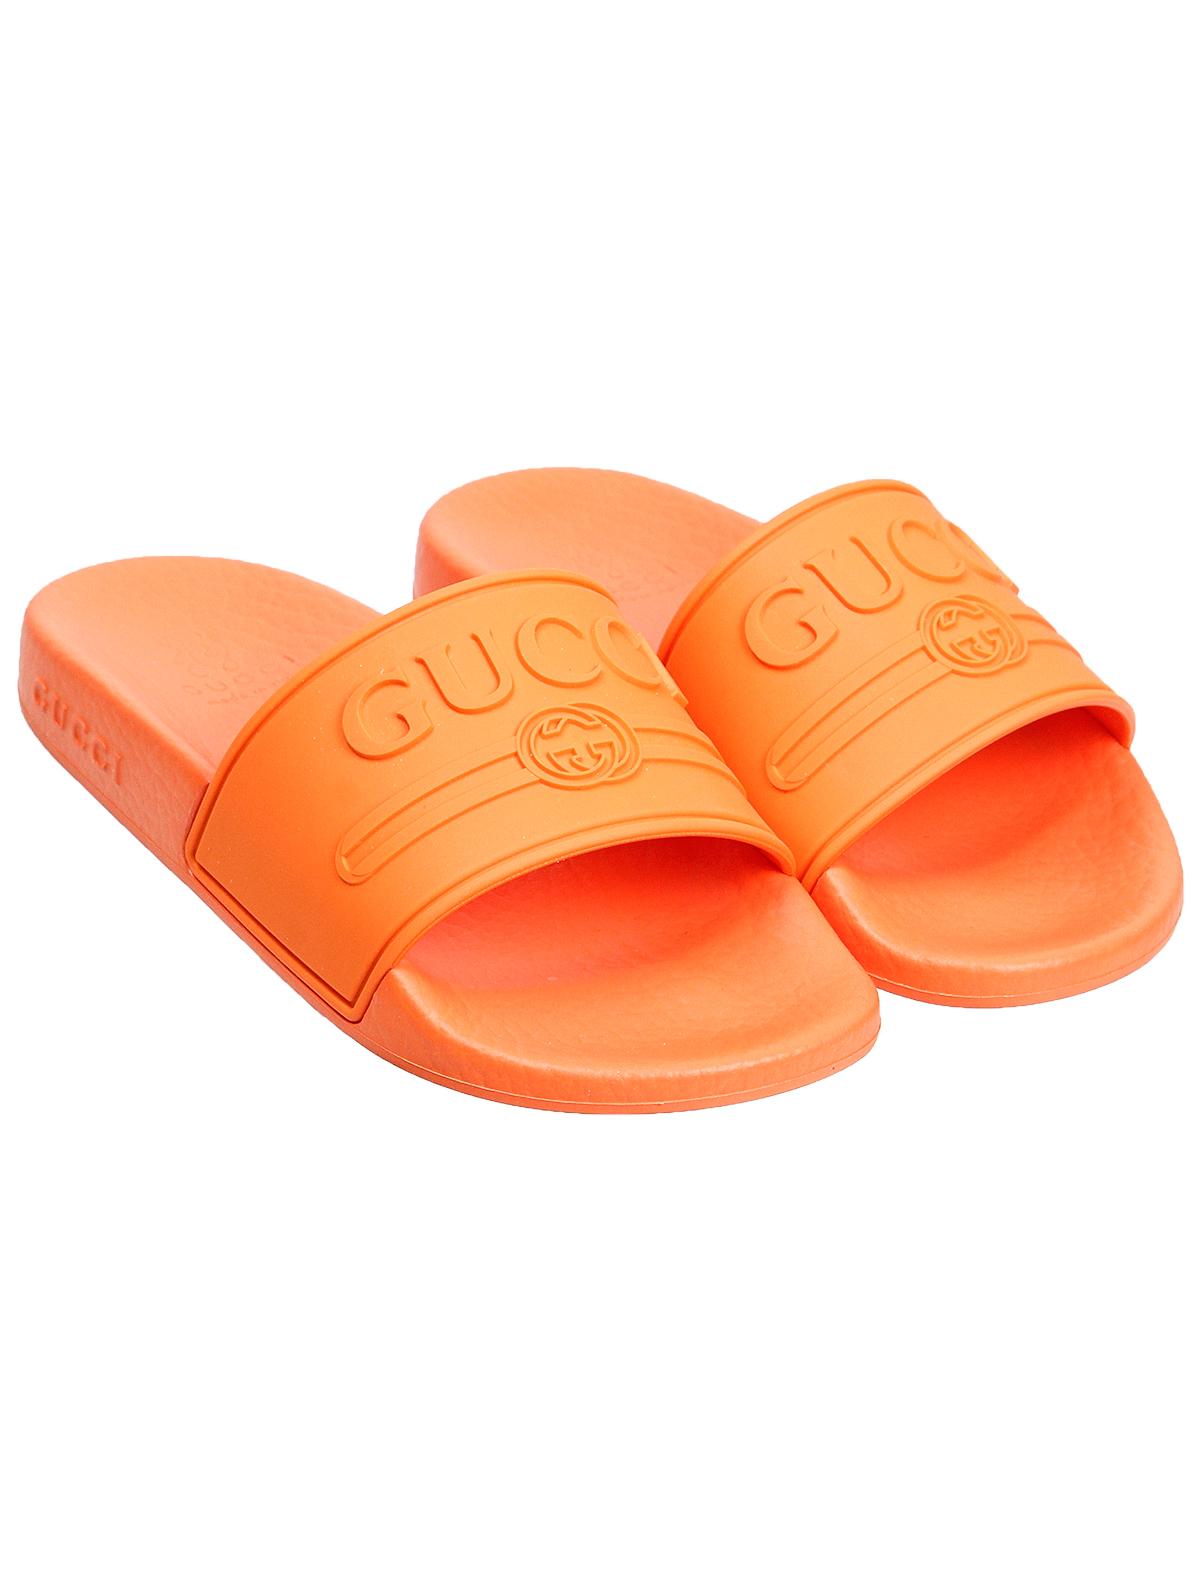 Купить 1946804, Шлепанцы пляжные GUCCI, оранжевый, 2282429970067